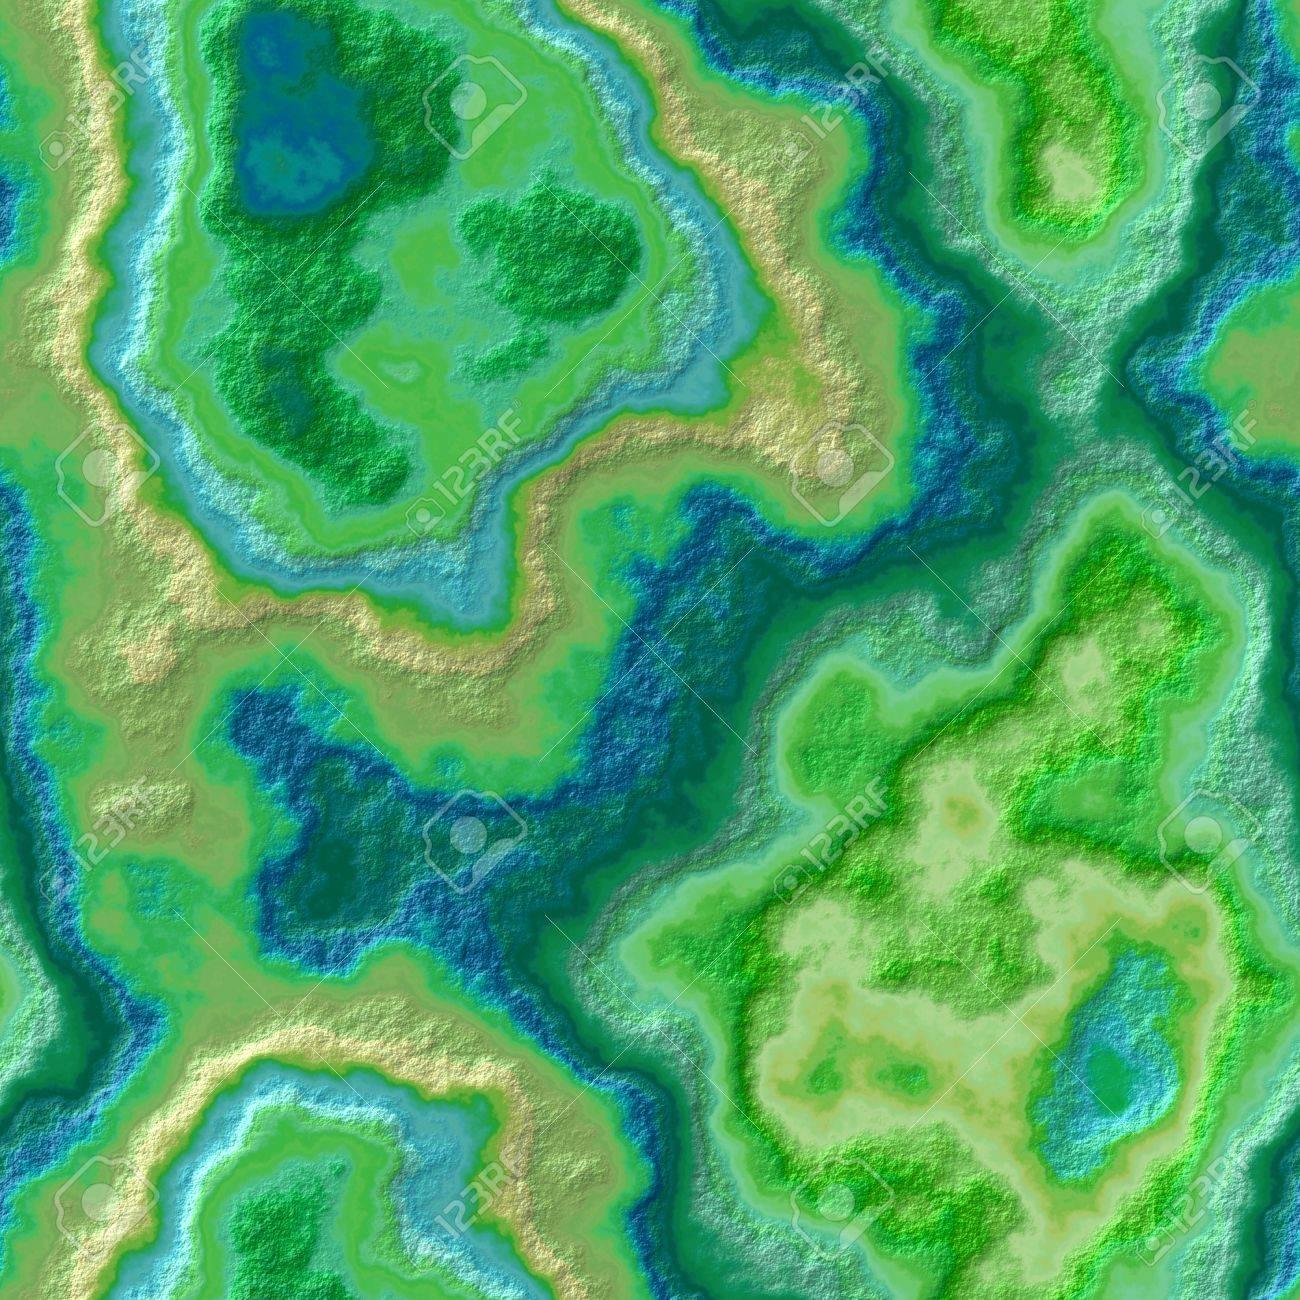 Grun Blau Und Gelb Marmor Achatstein Nahtlose Muster Textur